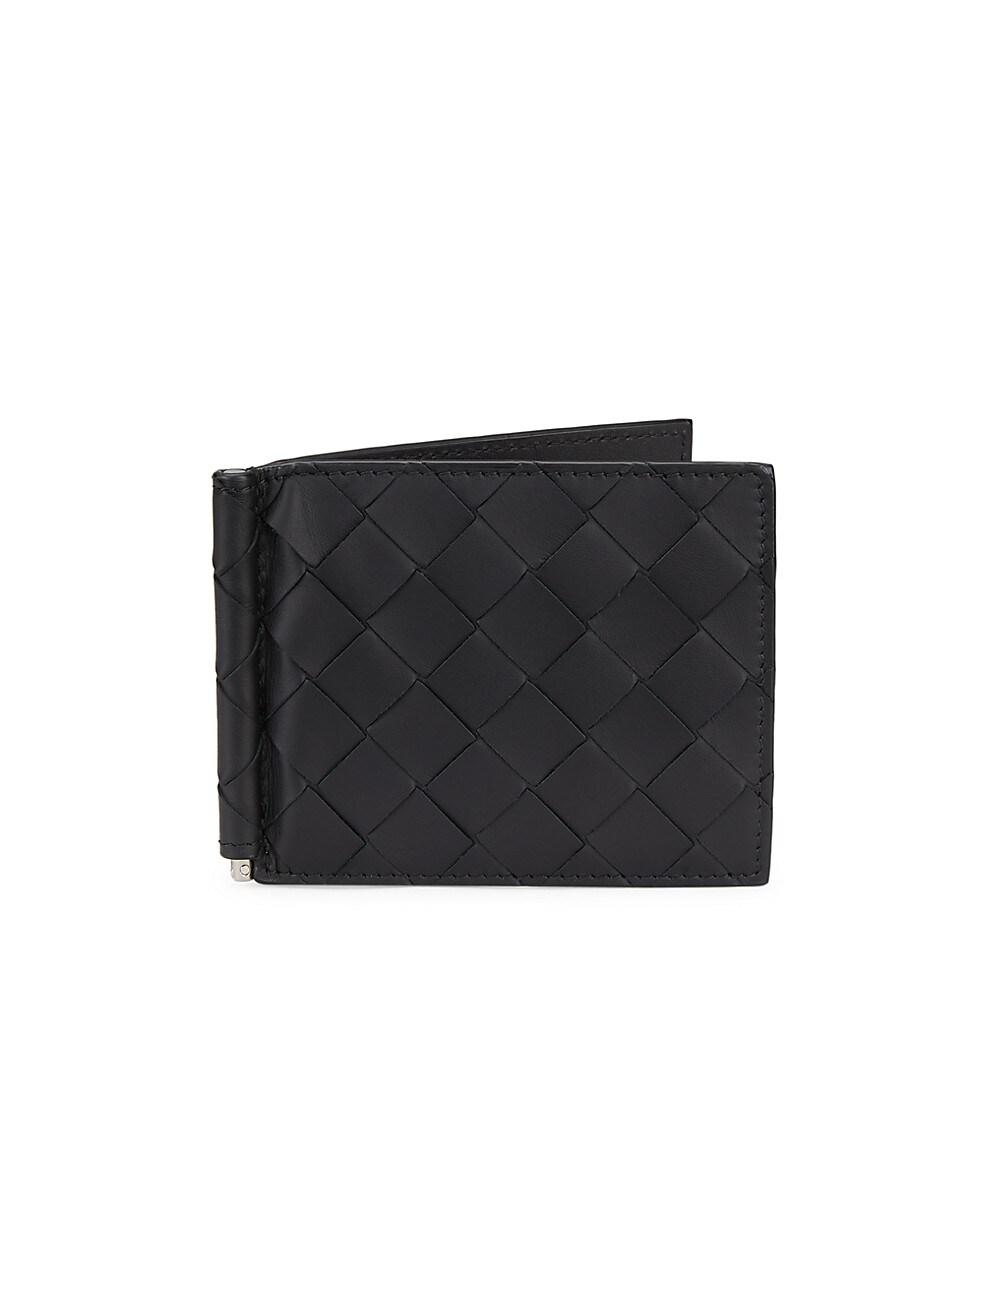 보테가 베네타 Bottega Veneta Intrecciato Vertical Cardholder,BLACK